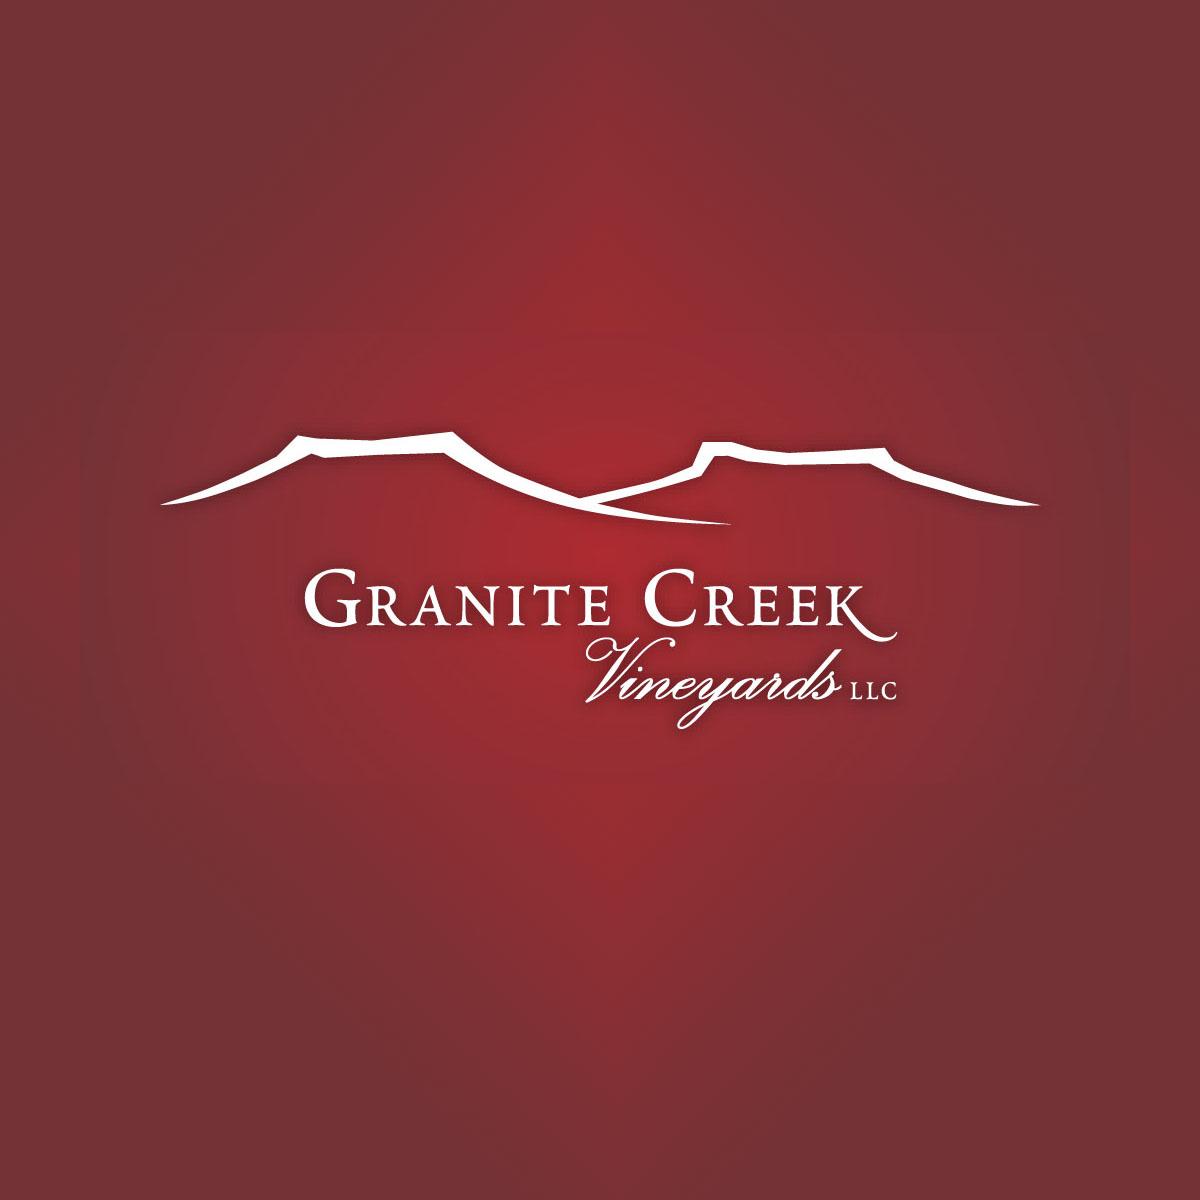 Granite Creek Vineyards LLC.